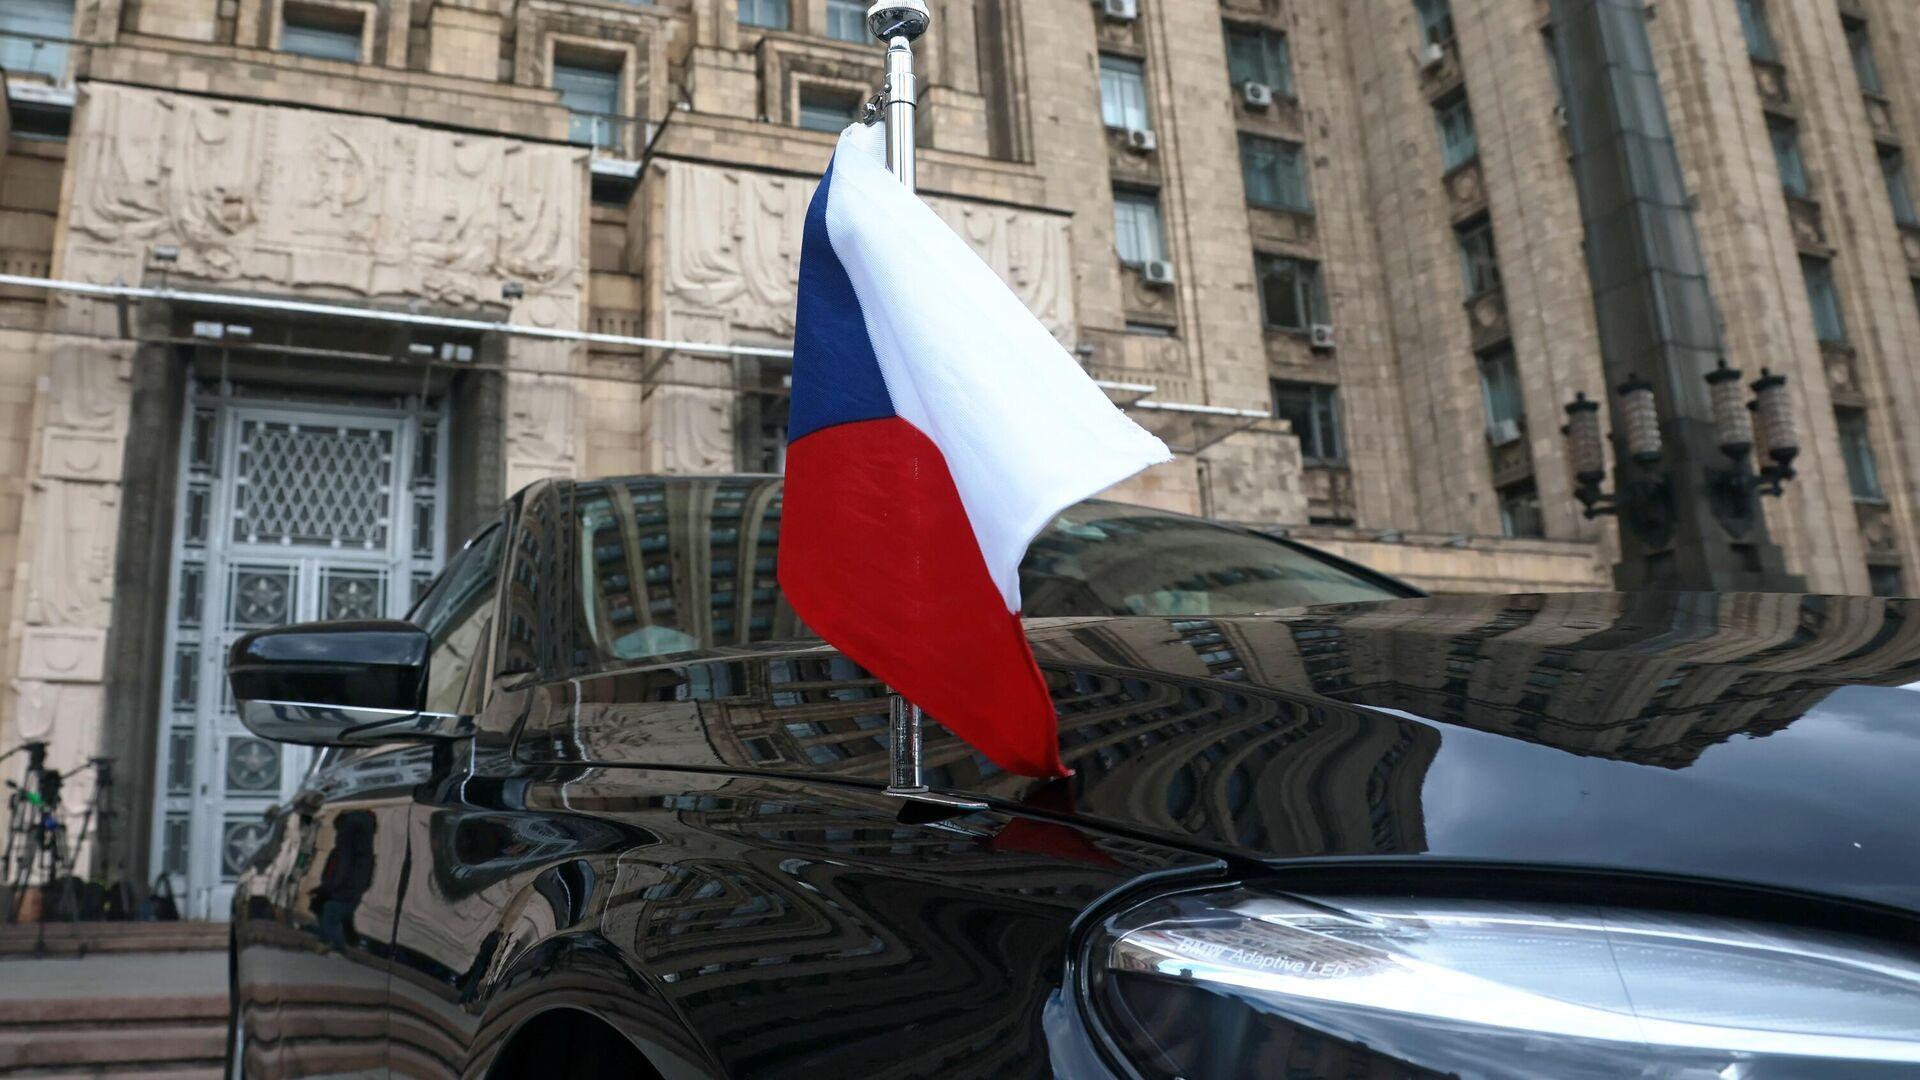 Автомобиль посольства Чехии в РФ возле здания МИД РФ в Москве - РИА Новости, 1920, 09.05.2021